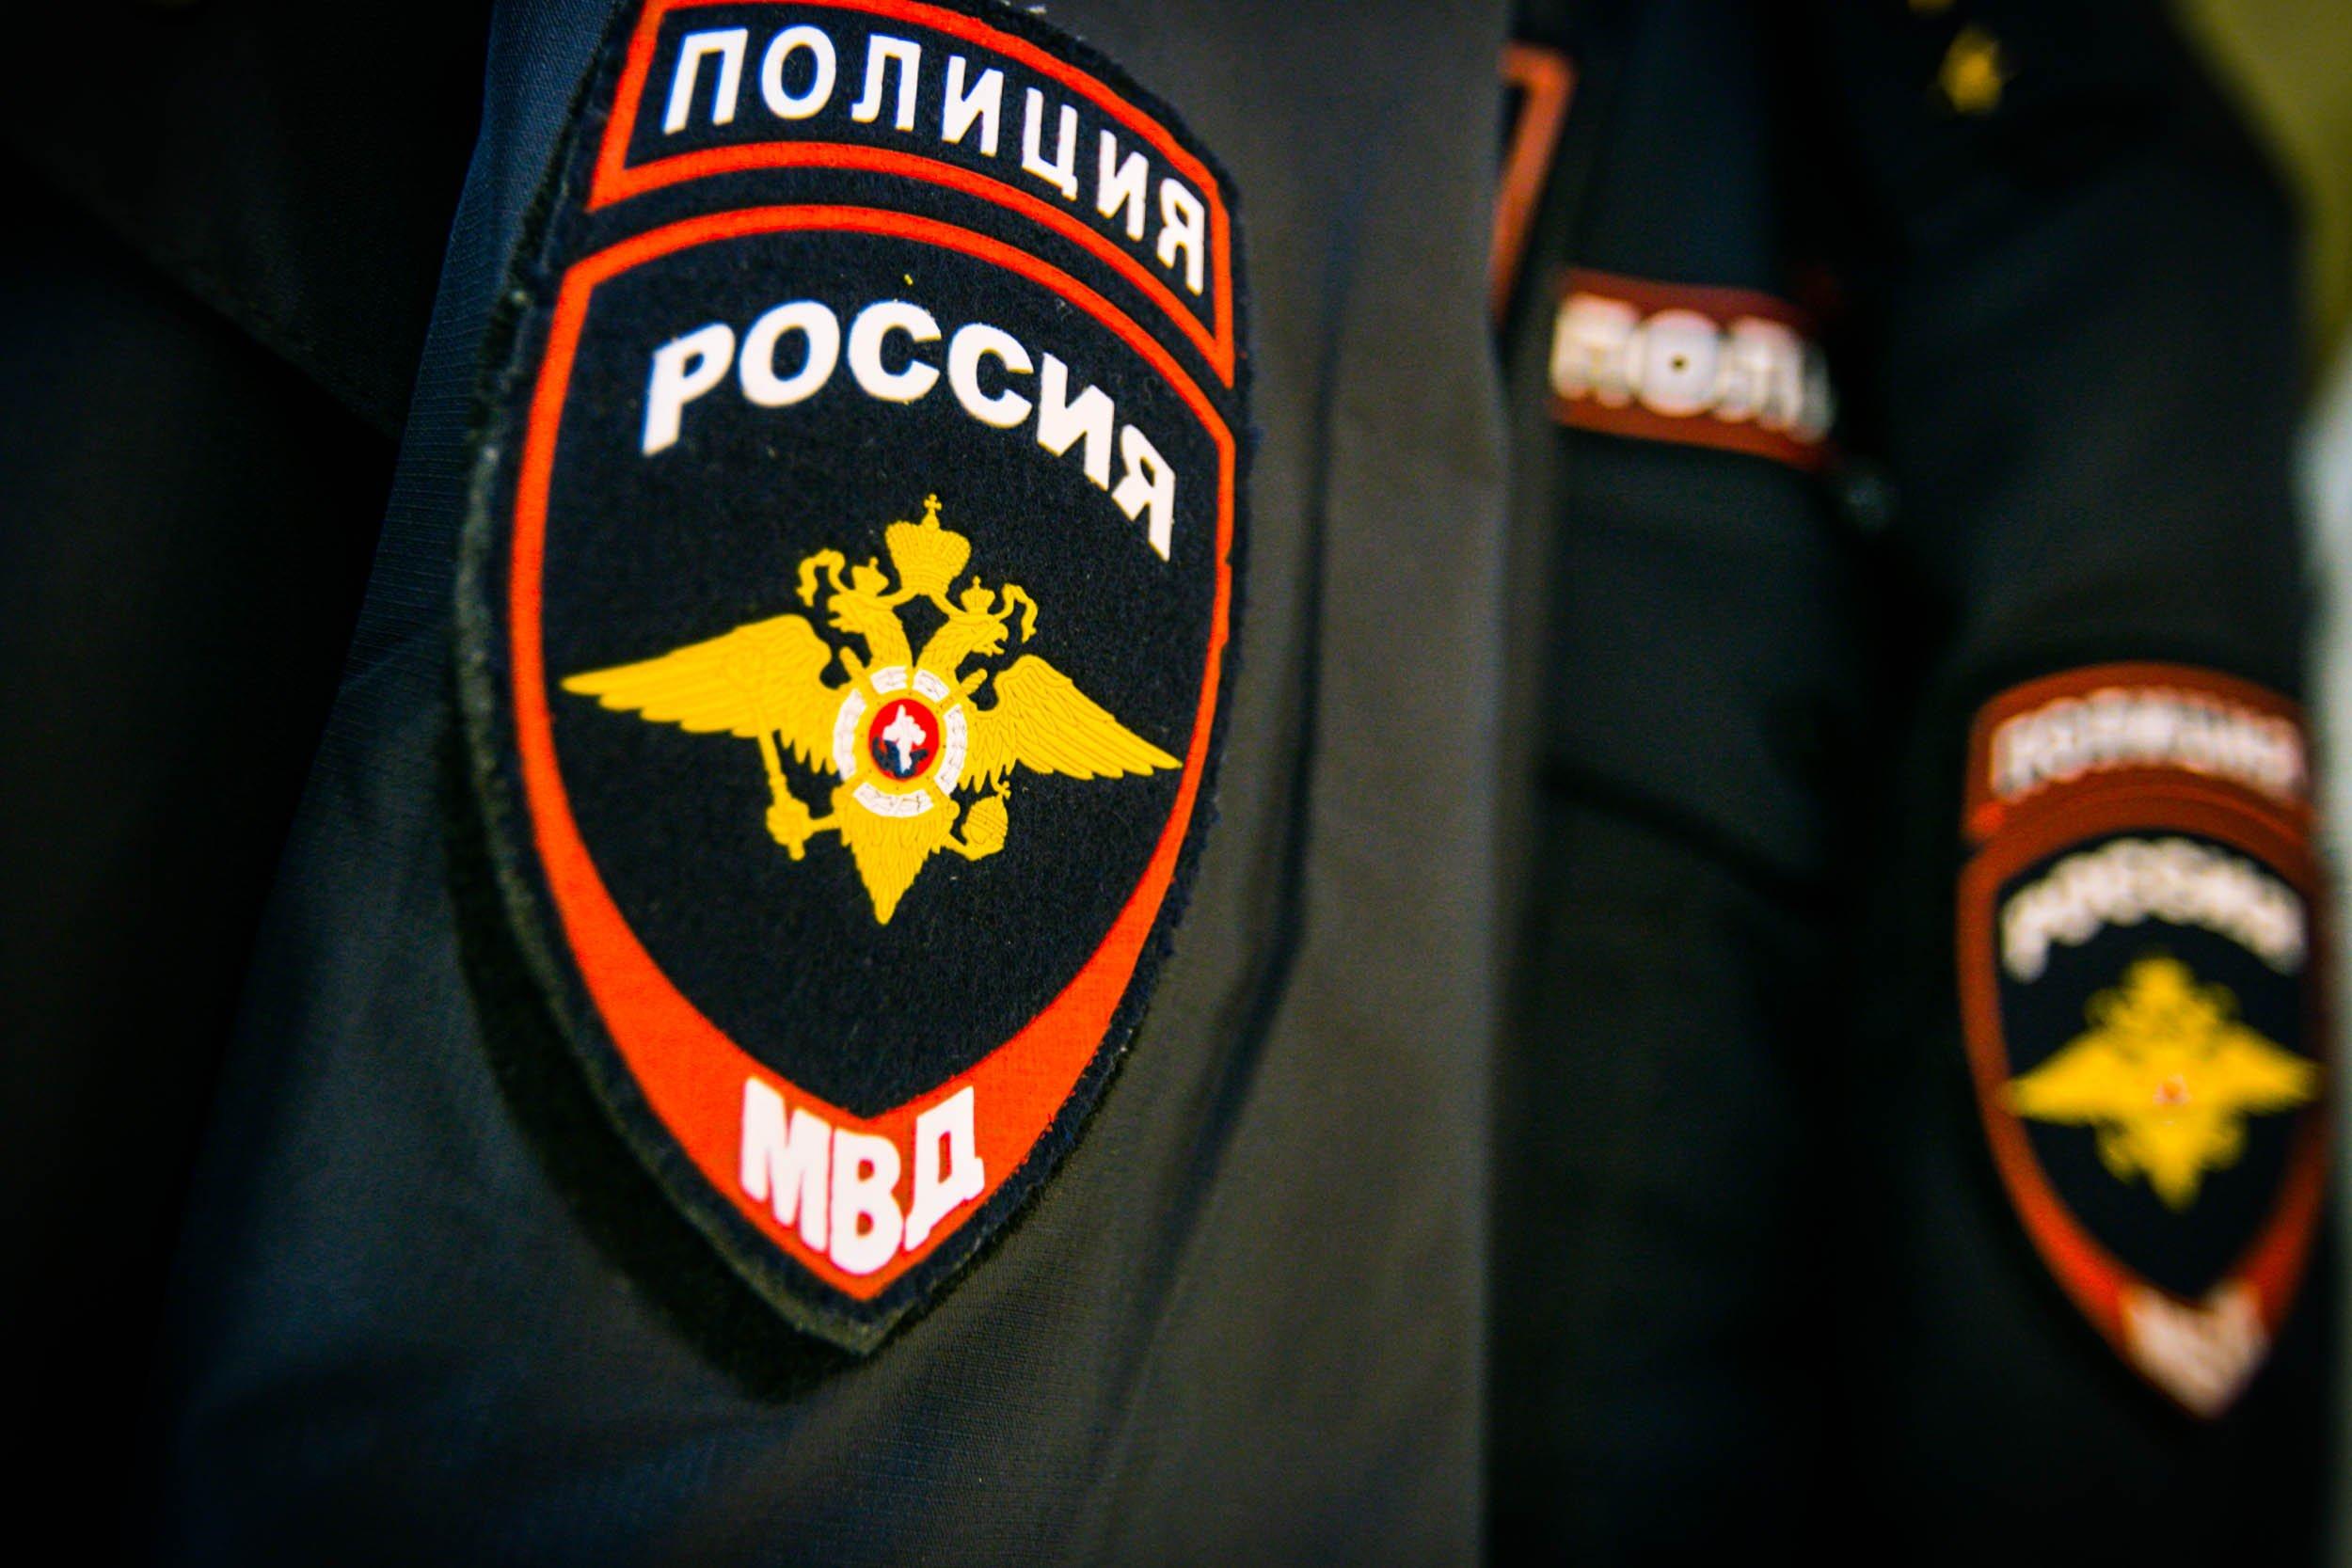 Безвести пропавшего мужчину без фаланги пальца разыскивают в Новороссийске